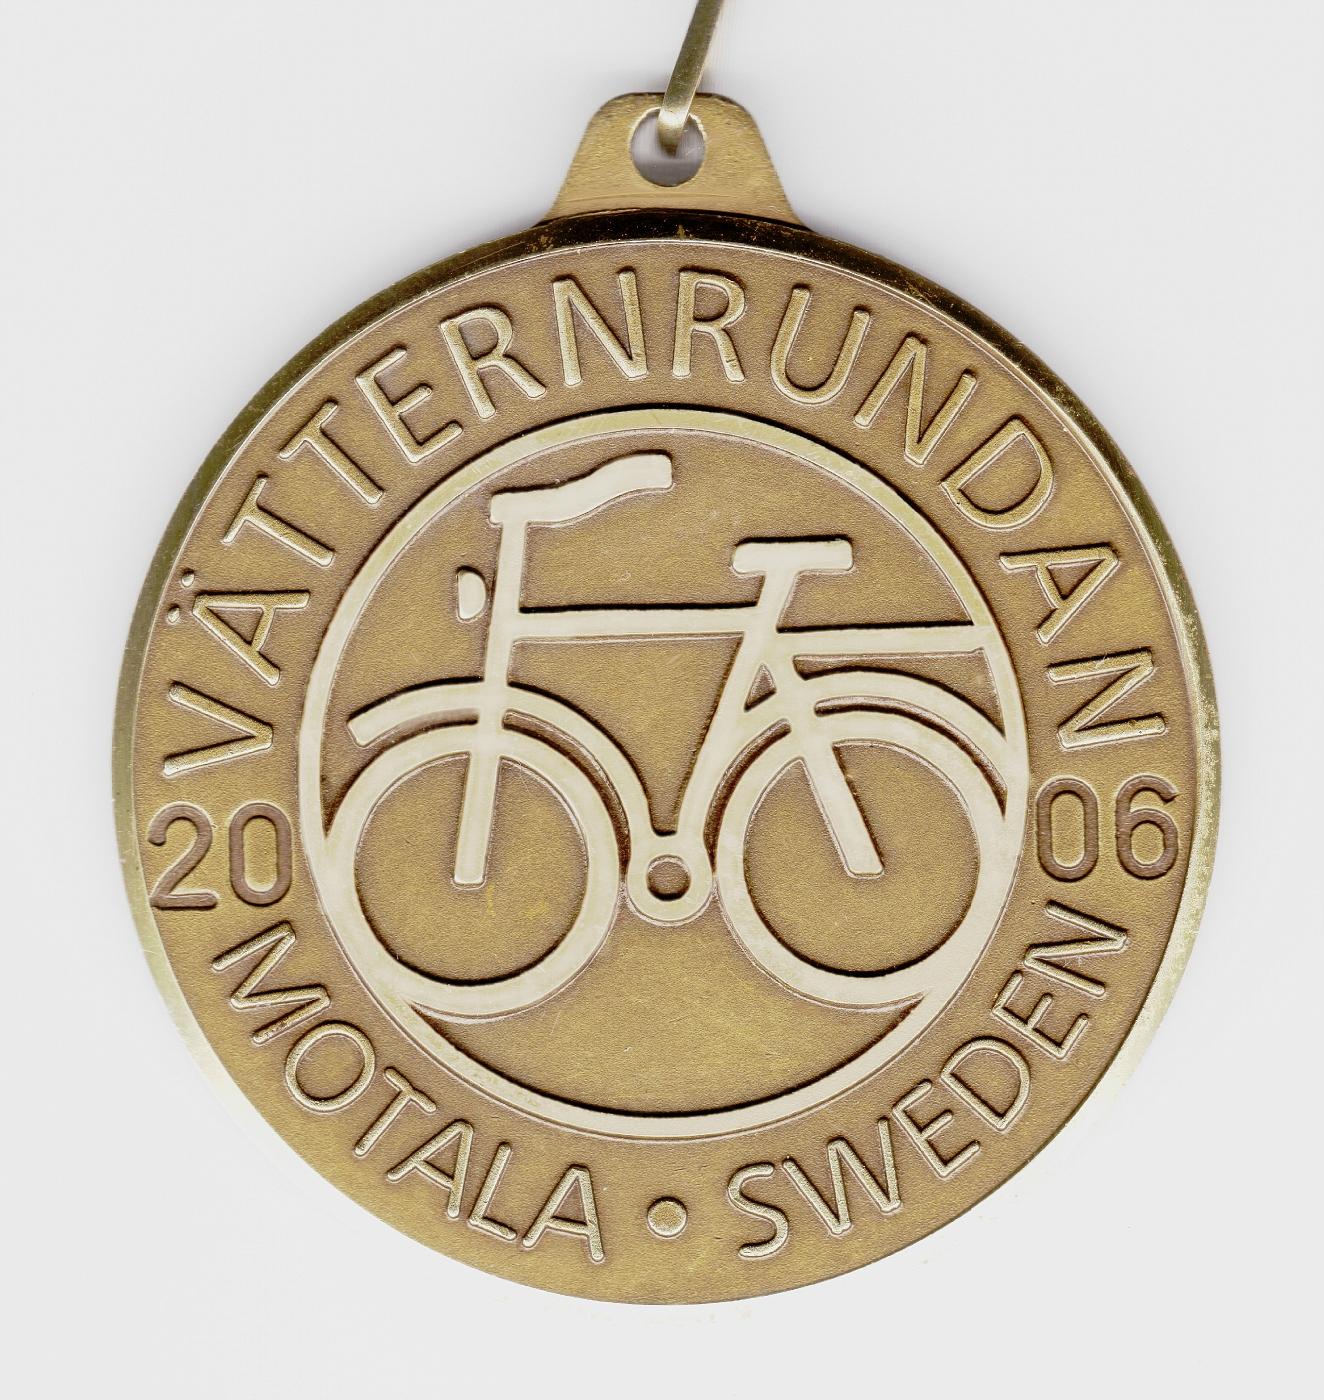 Medaille Vätternrundan 2006